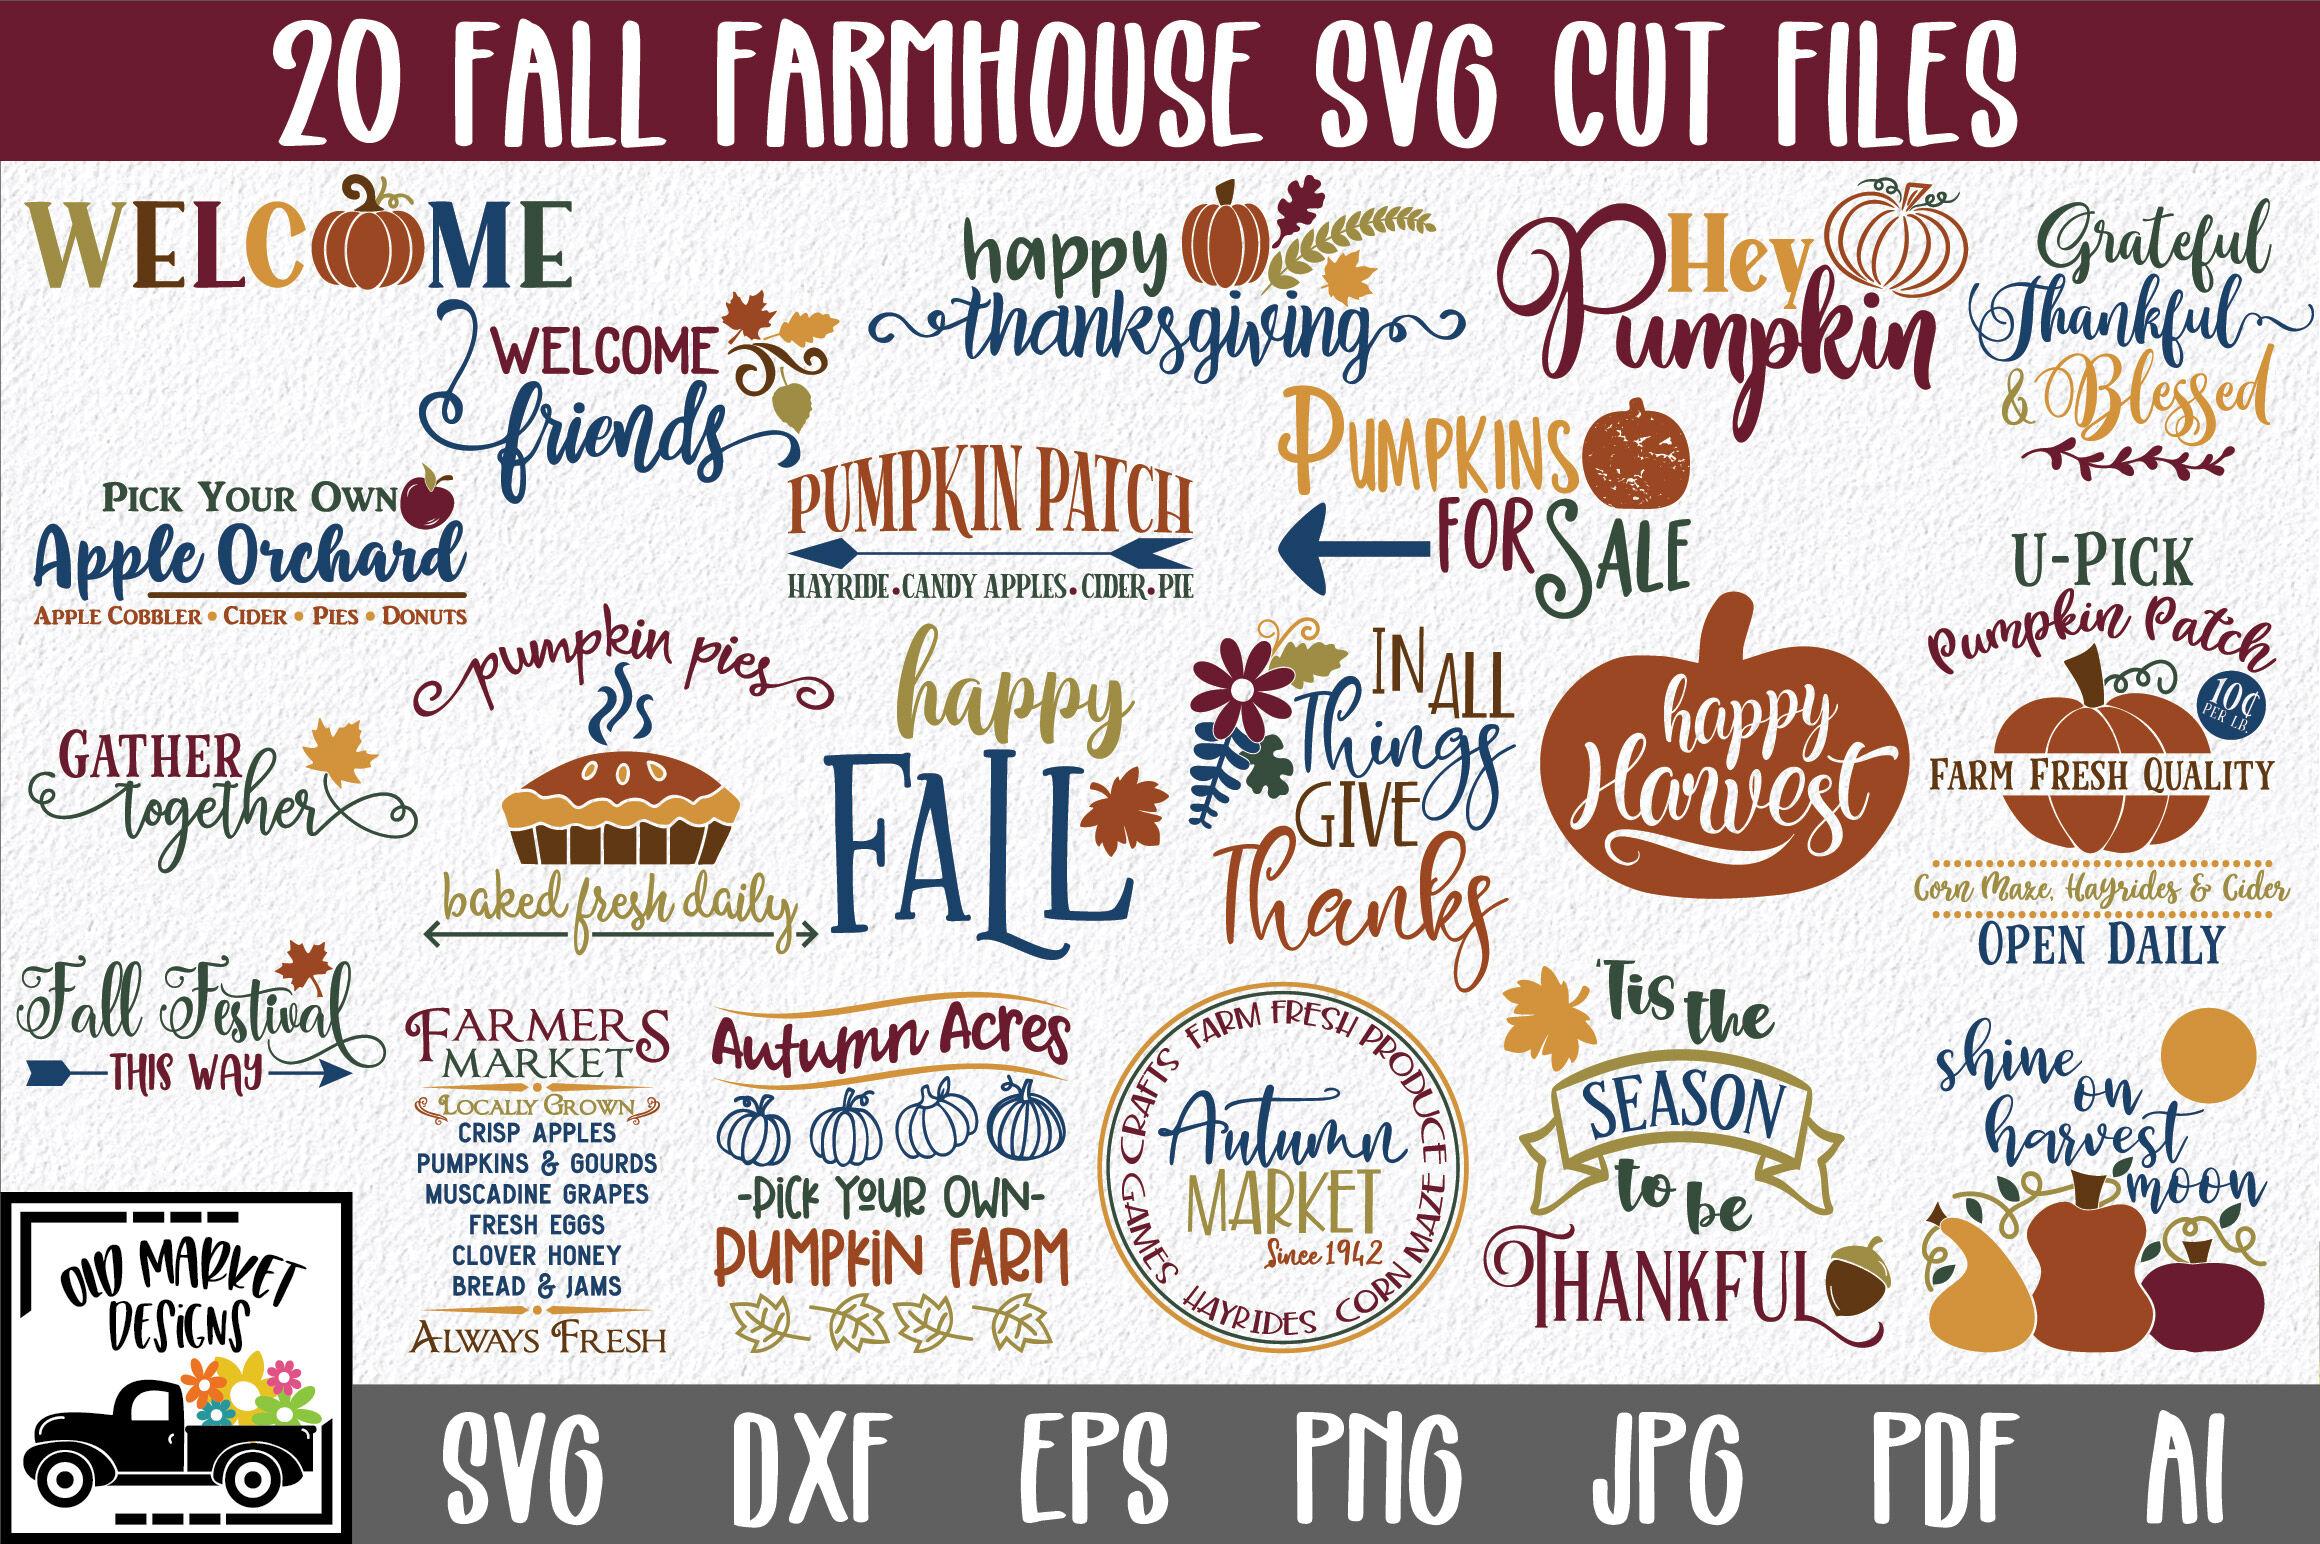 Fall Farmhouse Svg Cut File Bundle By Shannon Keyser Thehungryjpeg Com